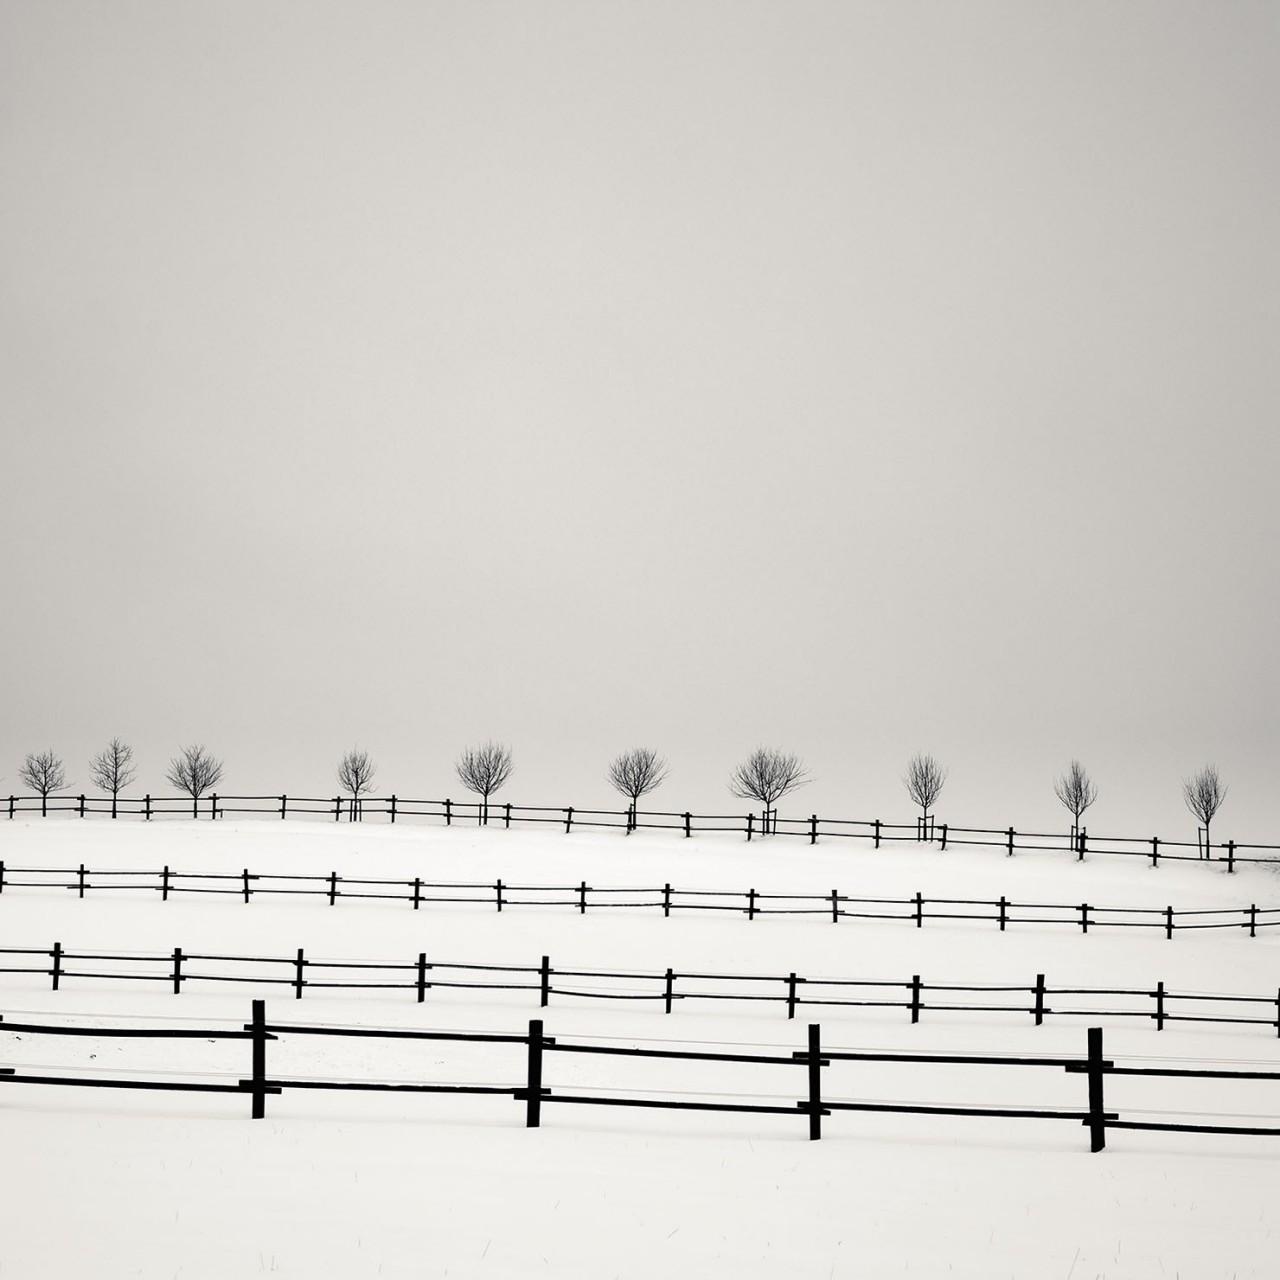 Частная собственность, Австрия, 2005. Фотограф Йозеф Хофленер